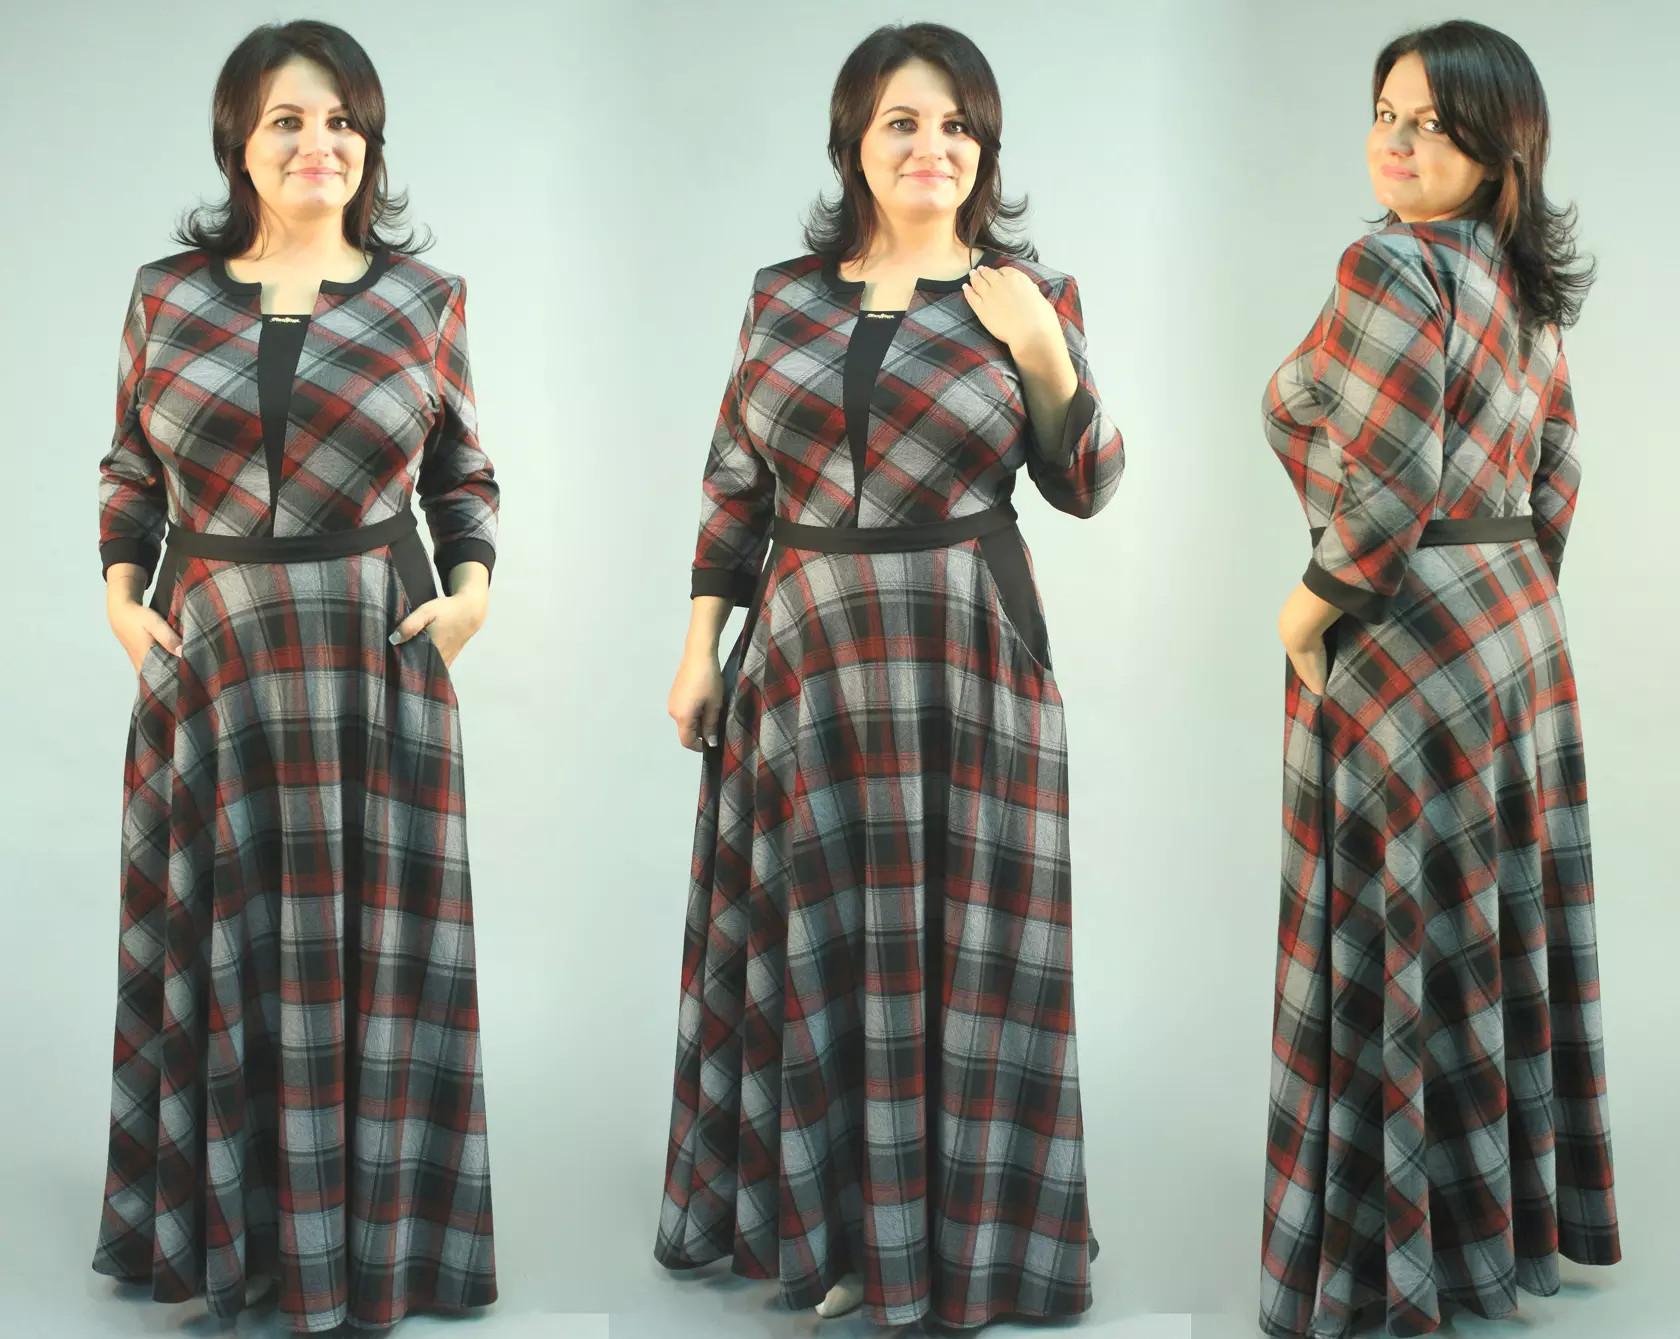 0d817f90fbe Платье 1550 рублей размеры 46-60 Заказать можно на сайте www.lady-maria.ru  · Интернет-магазин женской одежды